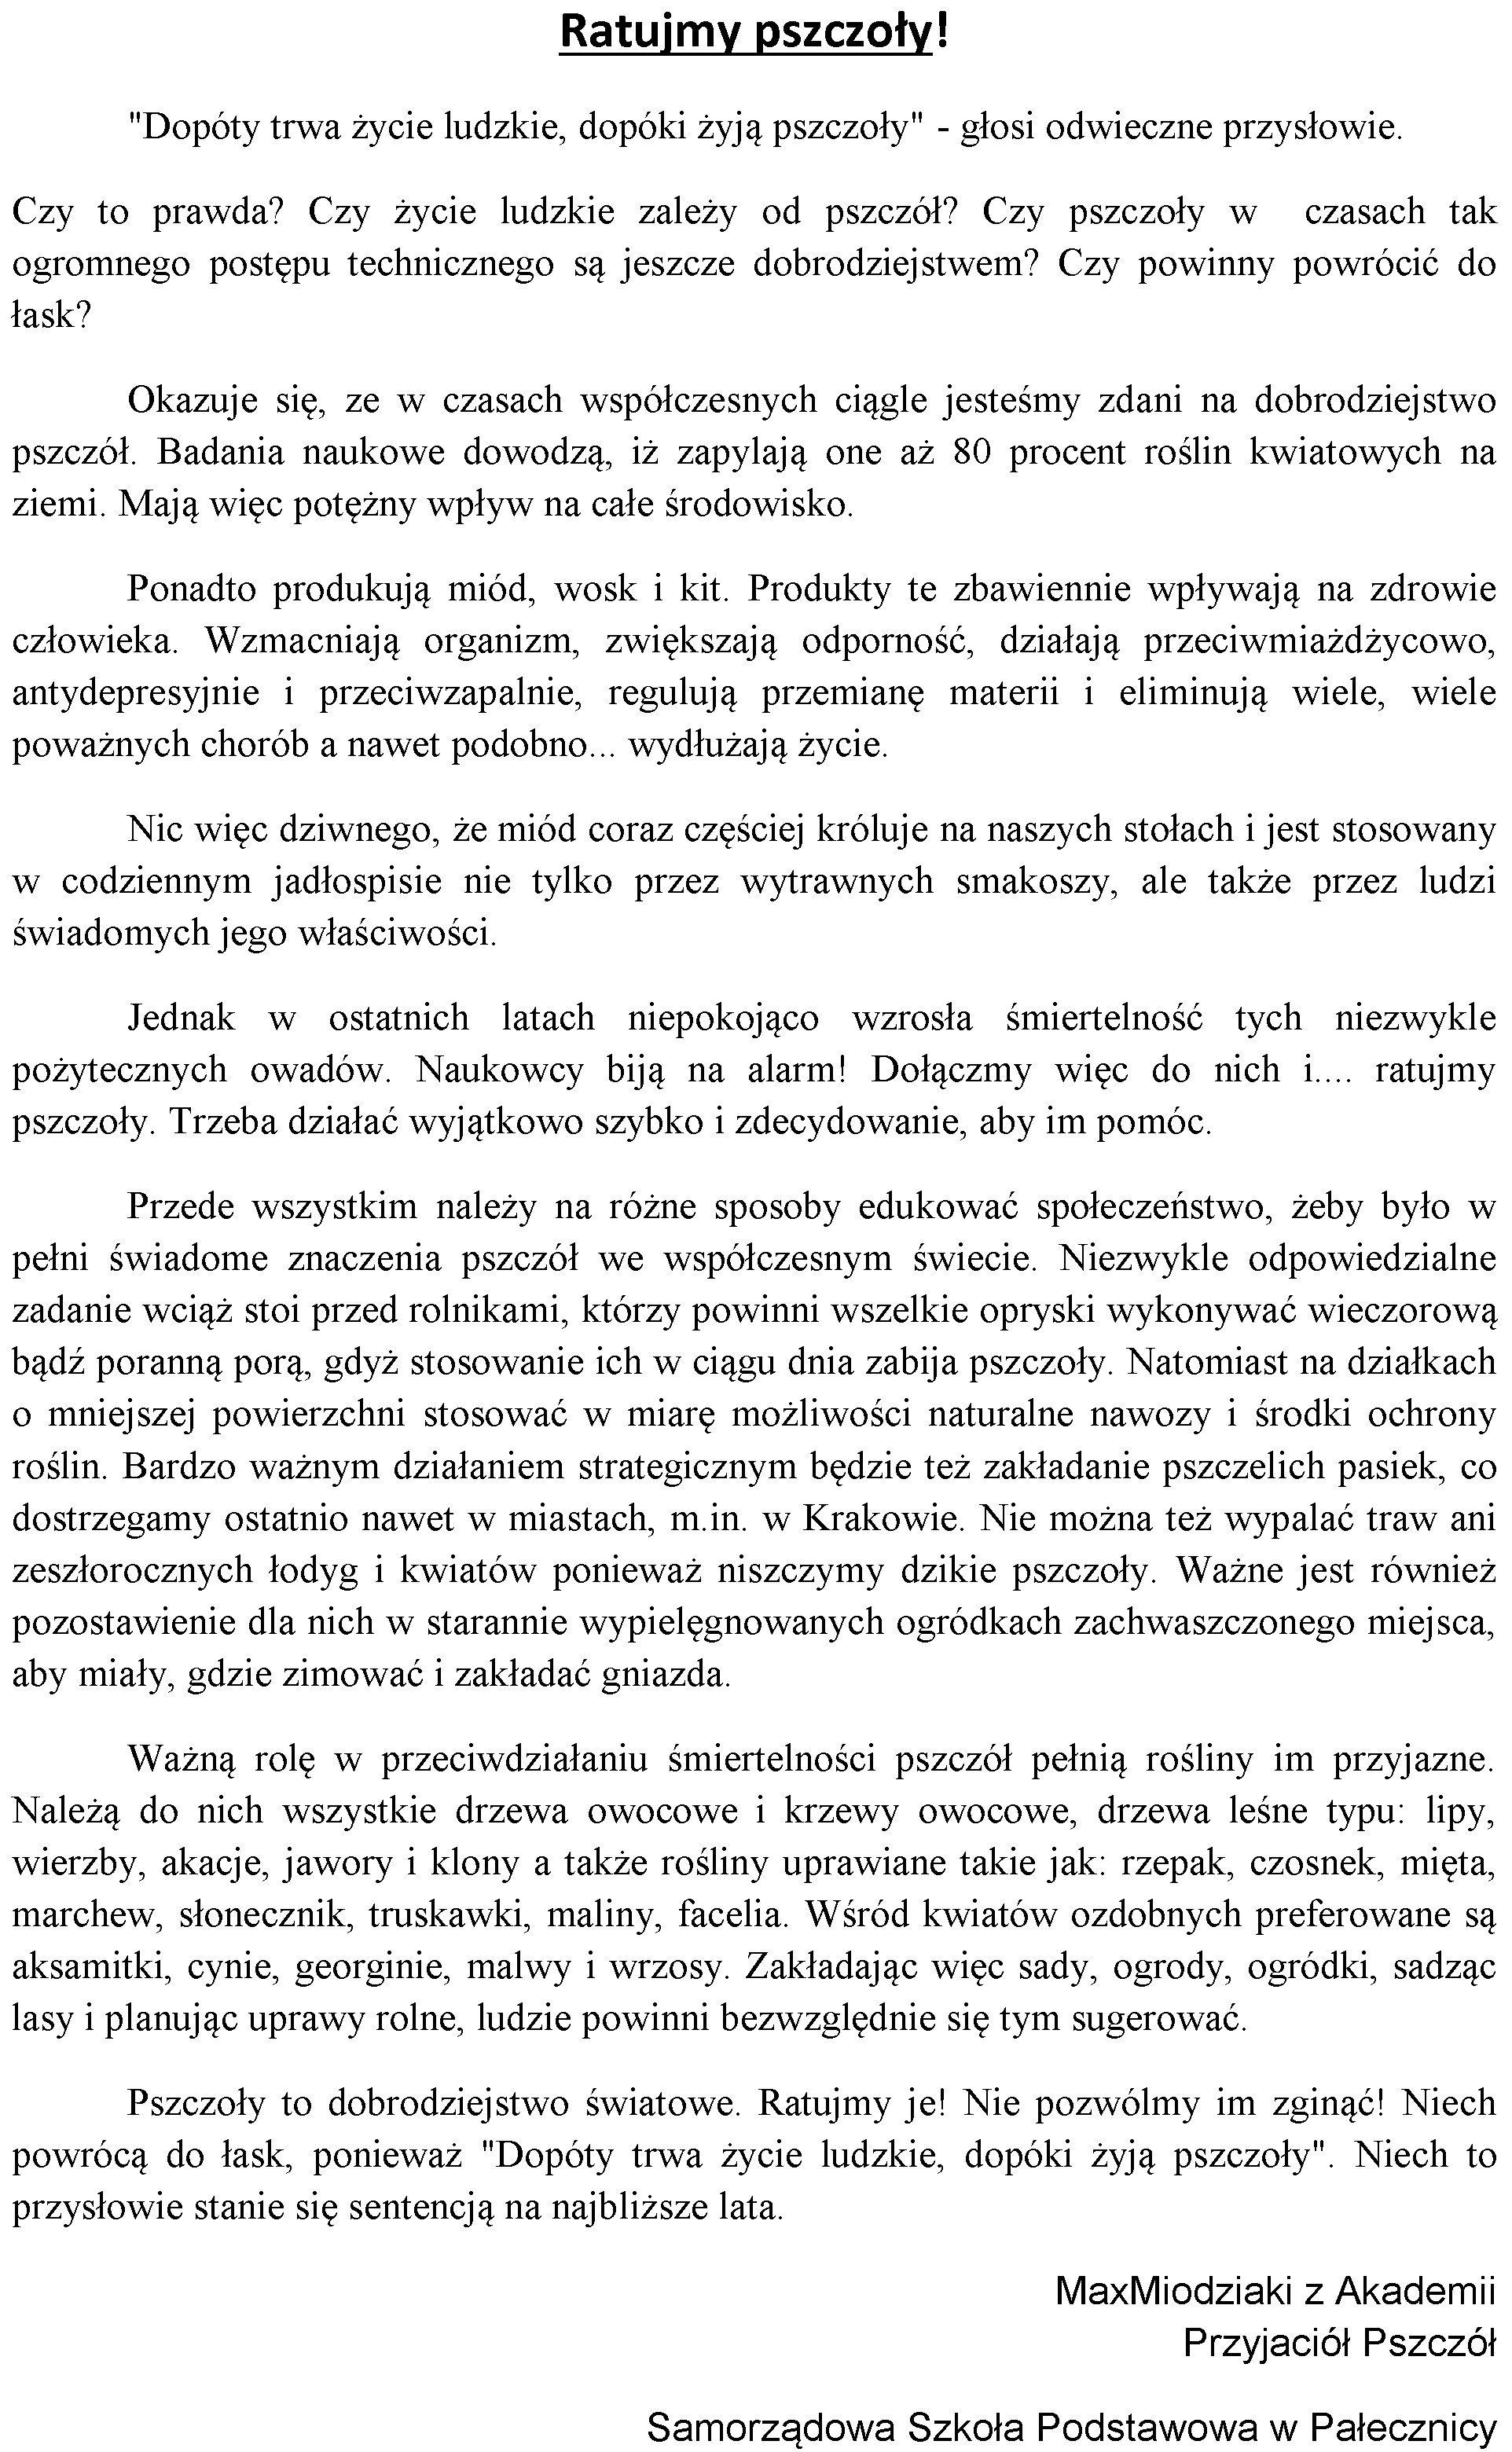 Microsoft Word - Pszczoły artykuł.docx_6